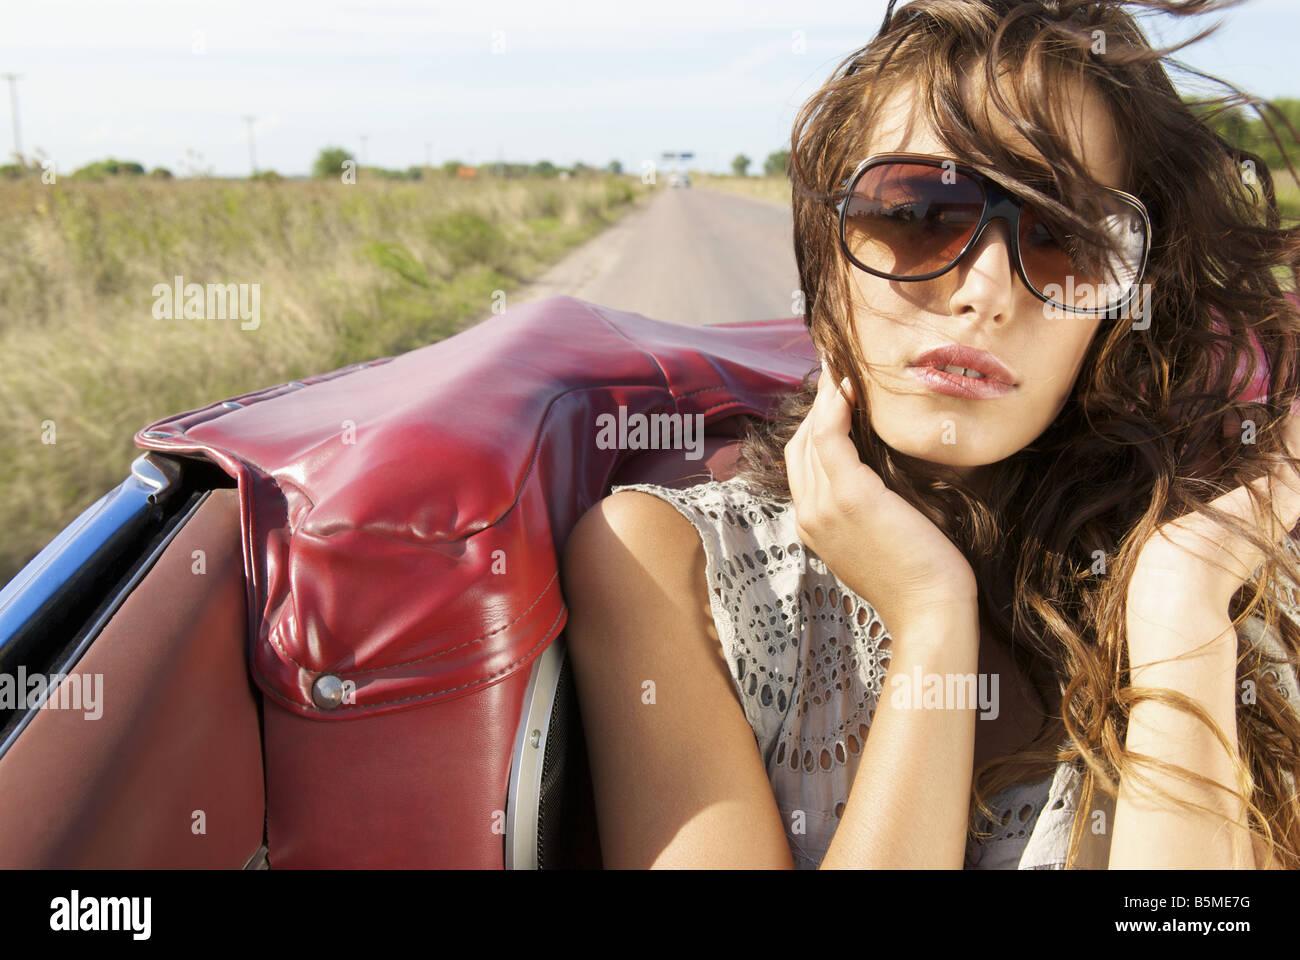 Eine junge Frau sitzt auf dem Rücksitz eines Autos Stockbild